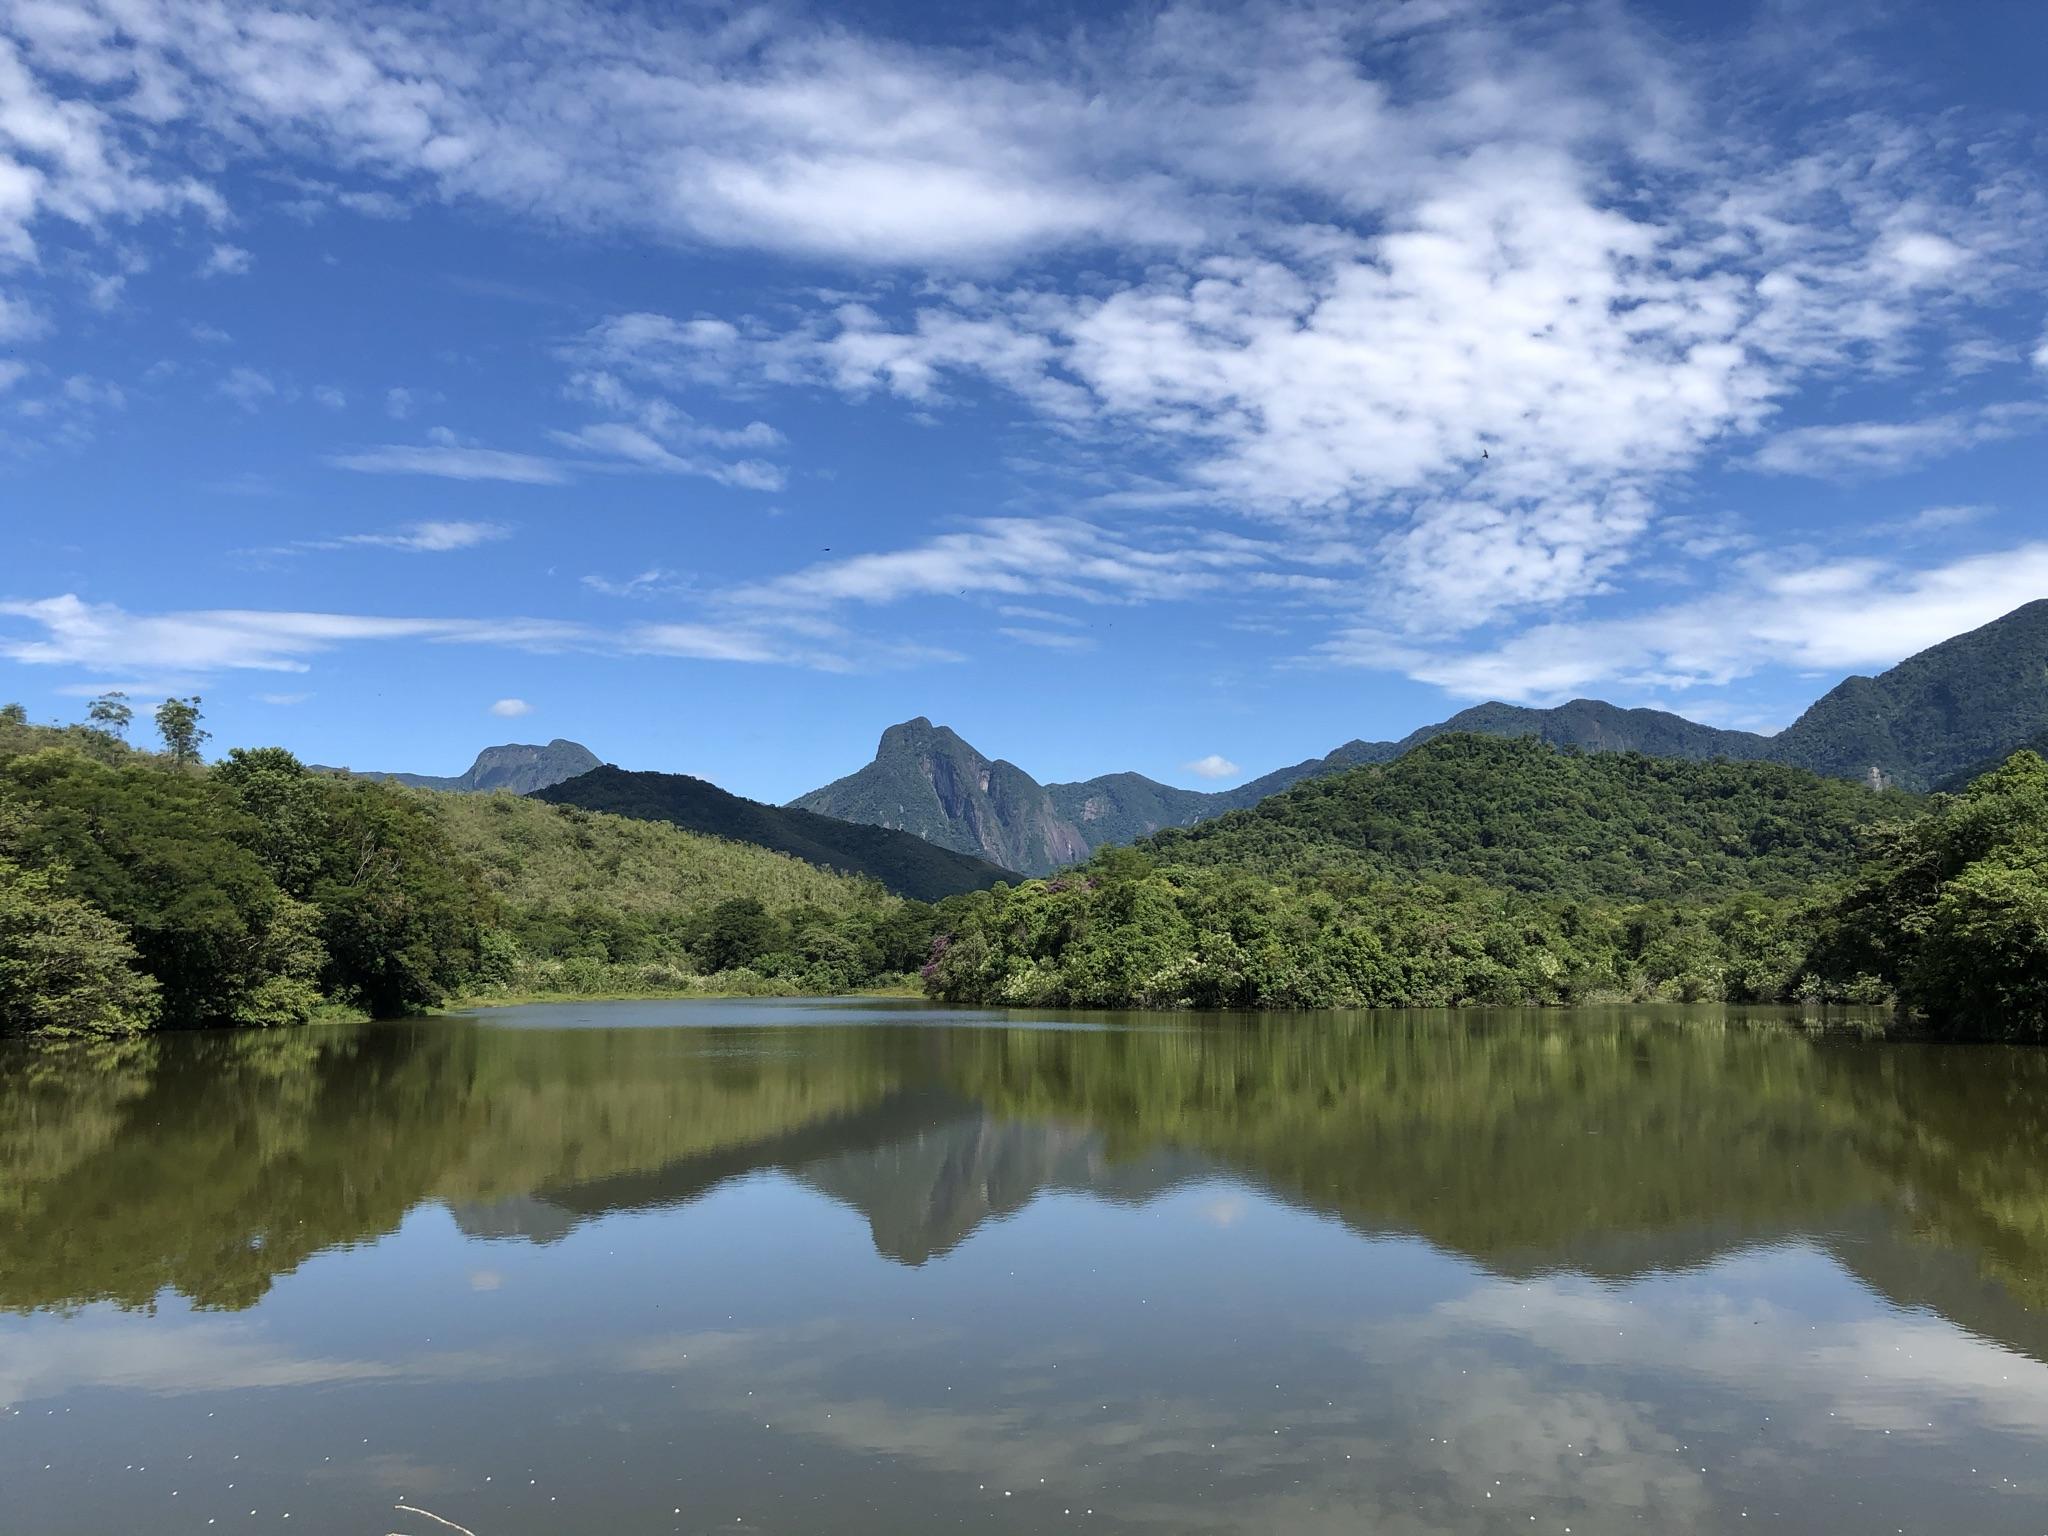 Reserva Ecológica de Guapiaçu, em Cachoeiras de Macacu (RJ): restauração da Mata Atlântica. Foto Tatiana Horta